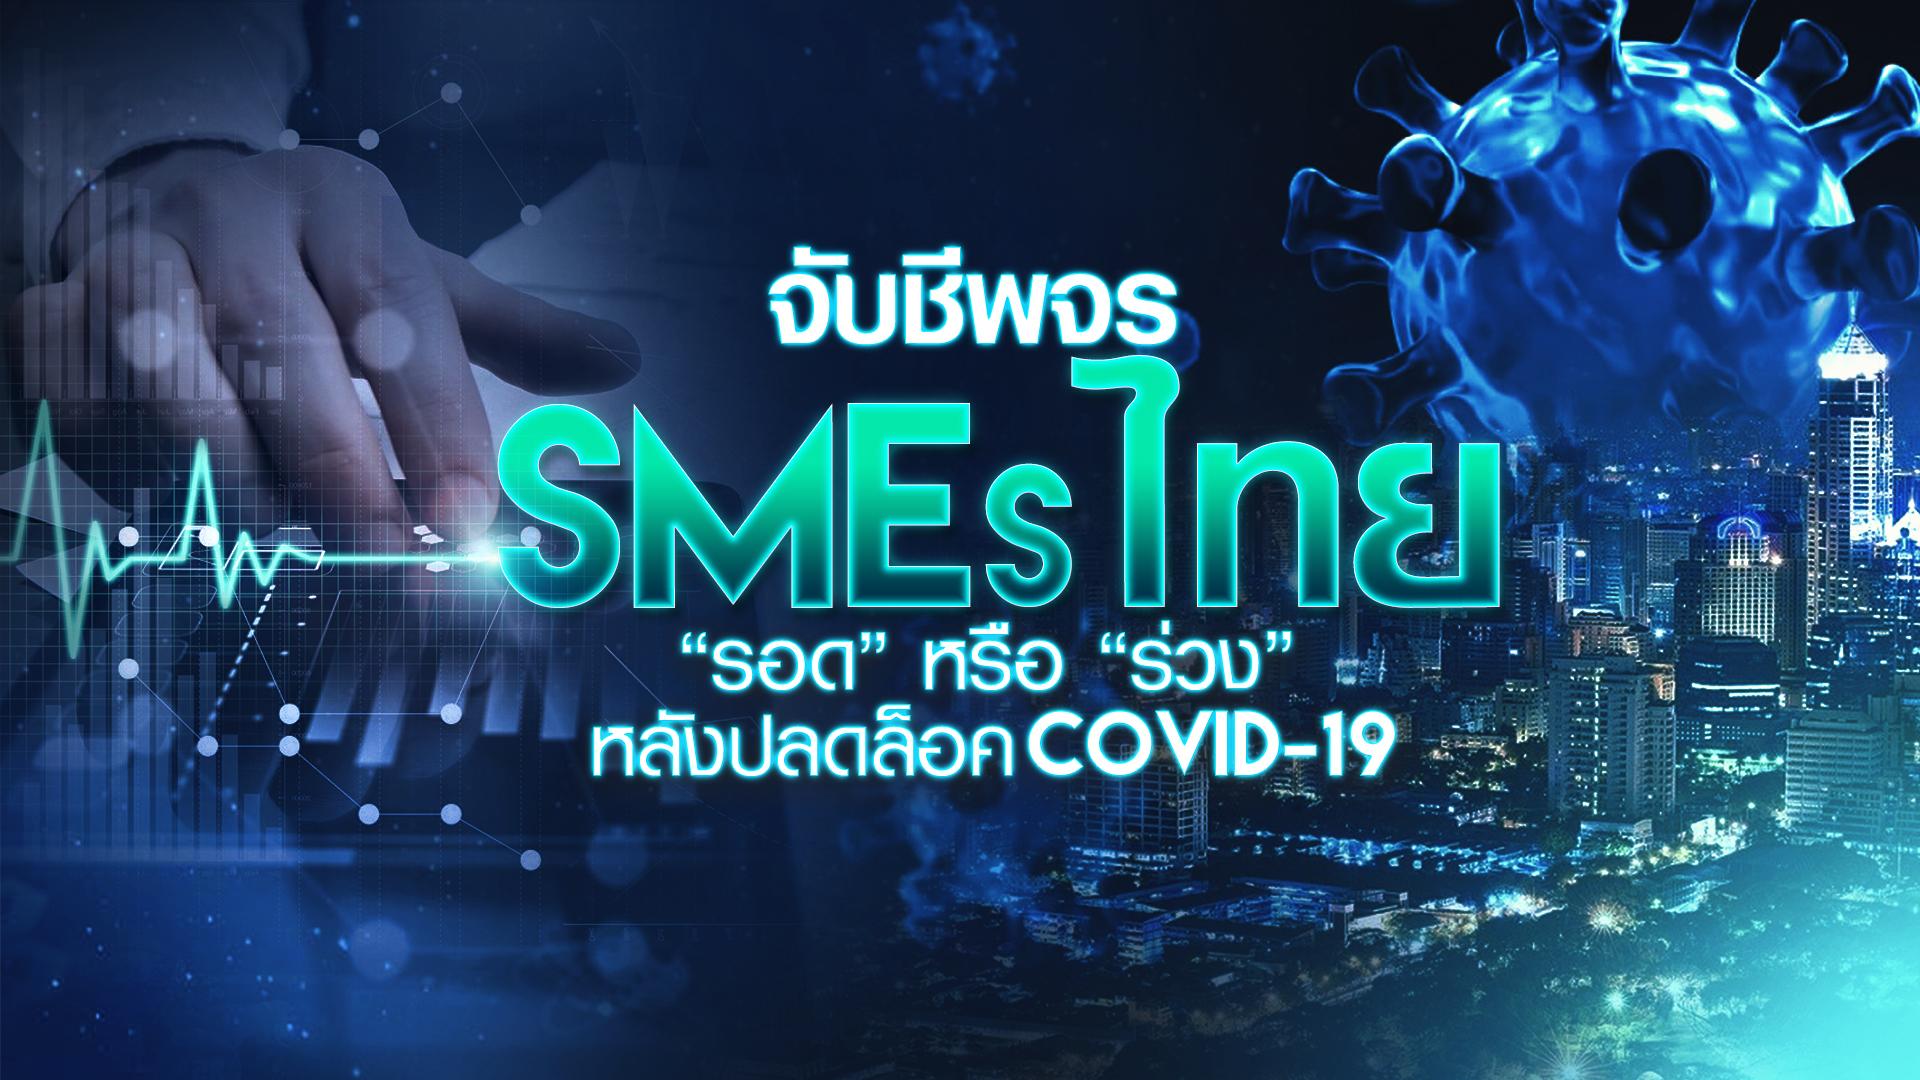 """จับชีพจร SMEs ไทย """"รอด"""" หรือ """"ร่วง"""" หลังปลดล็อค COVID-19"""